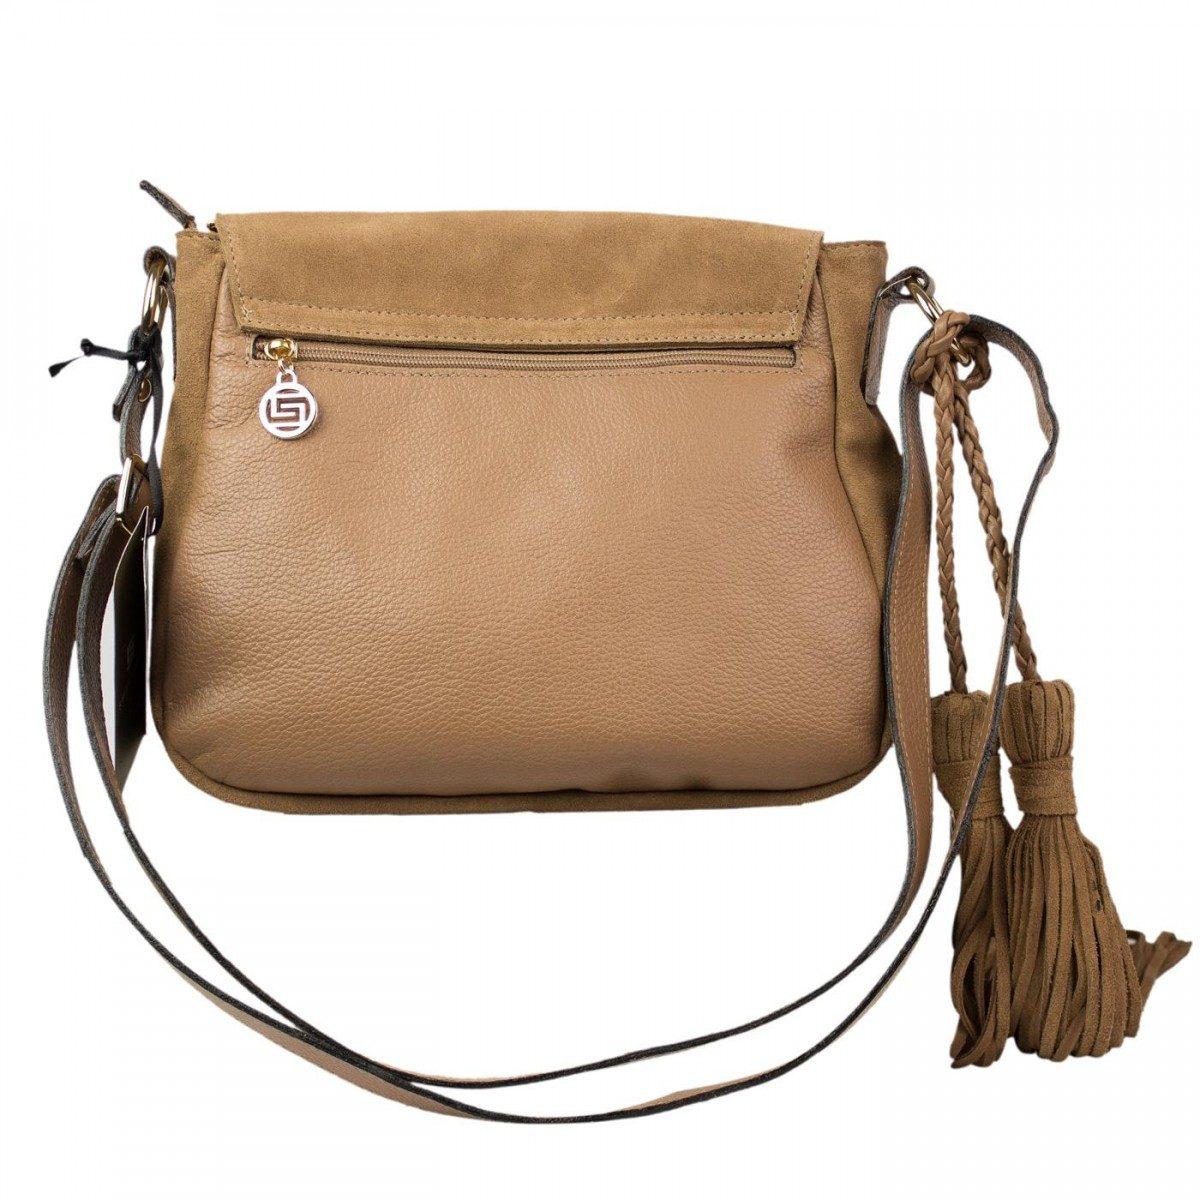 8b32c618e bolsa feminina smartbag couro camurça original nota fiscal. Carregando zoom.